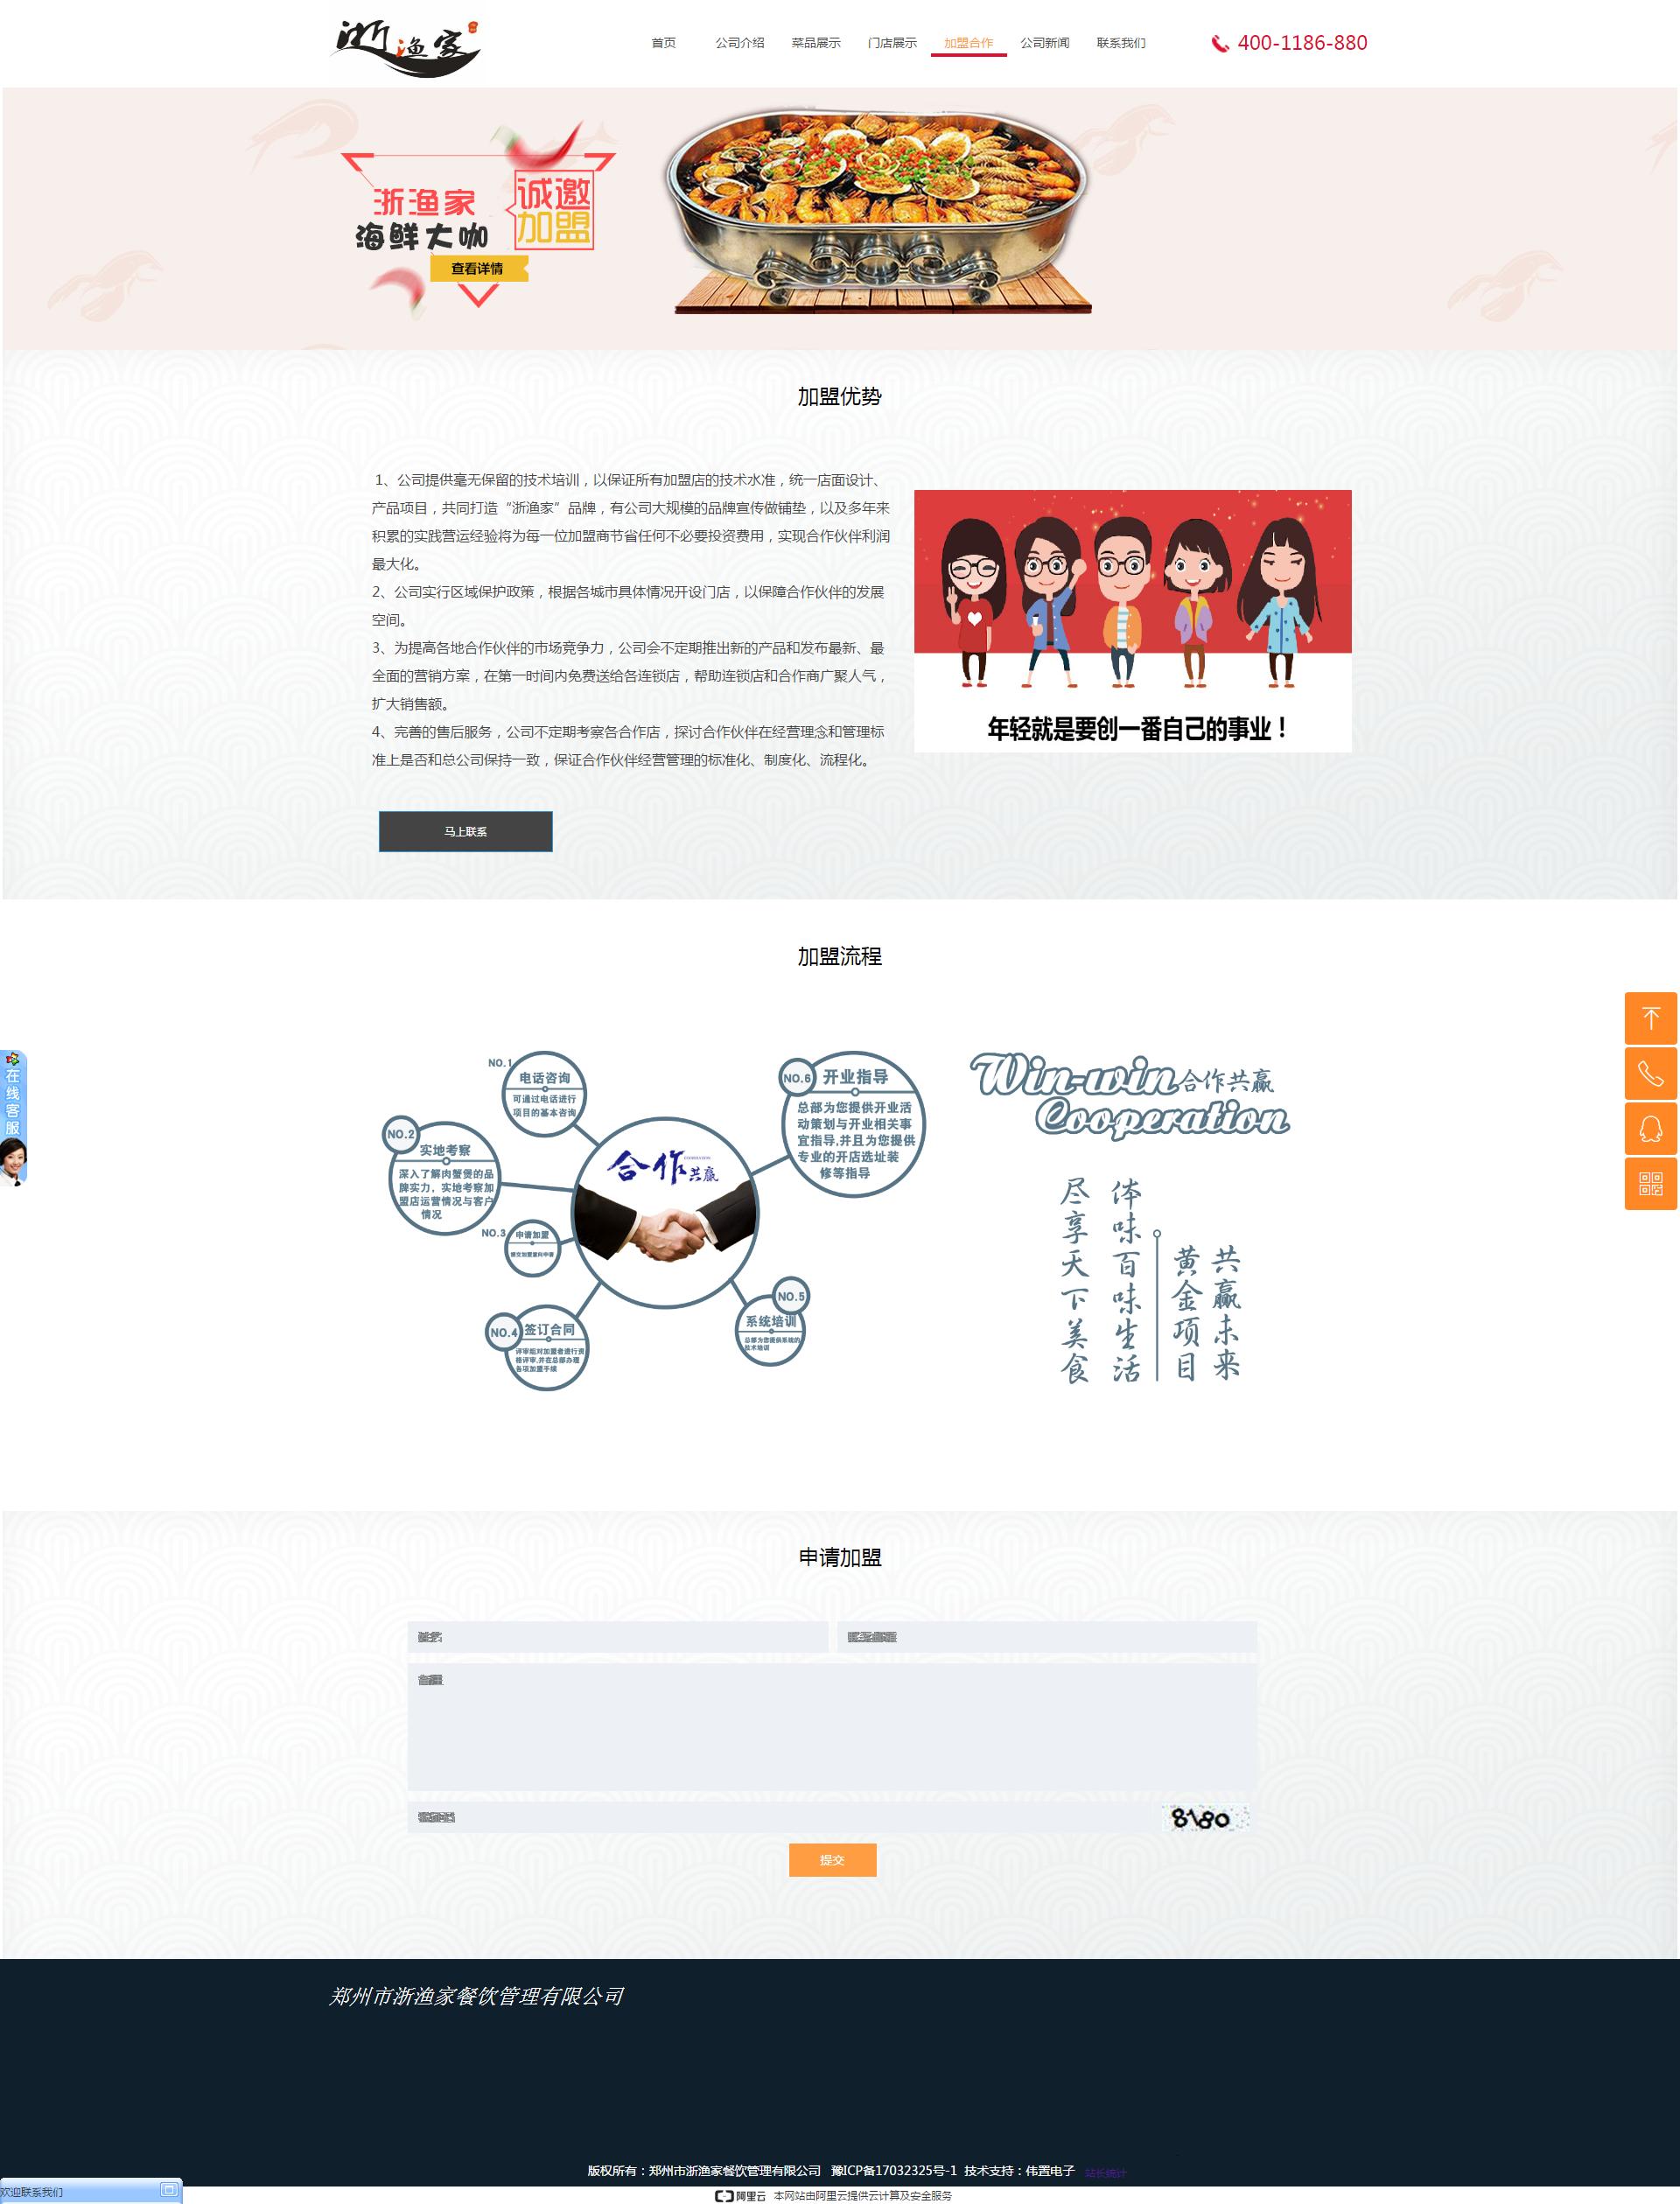 郑州市浙渔家餐饮有限公司网站加盟合作页效果图